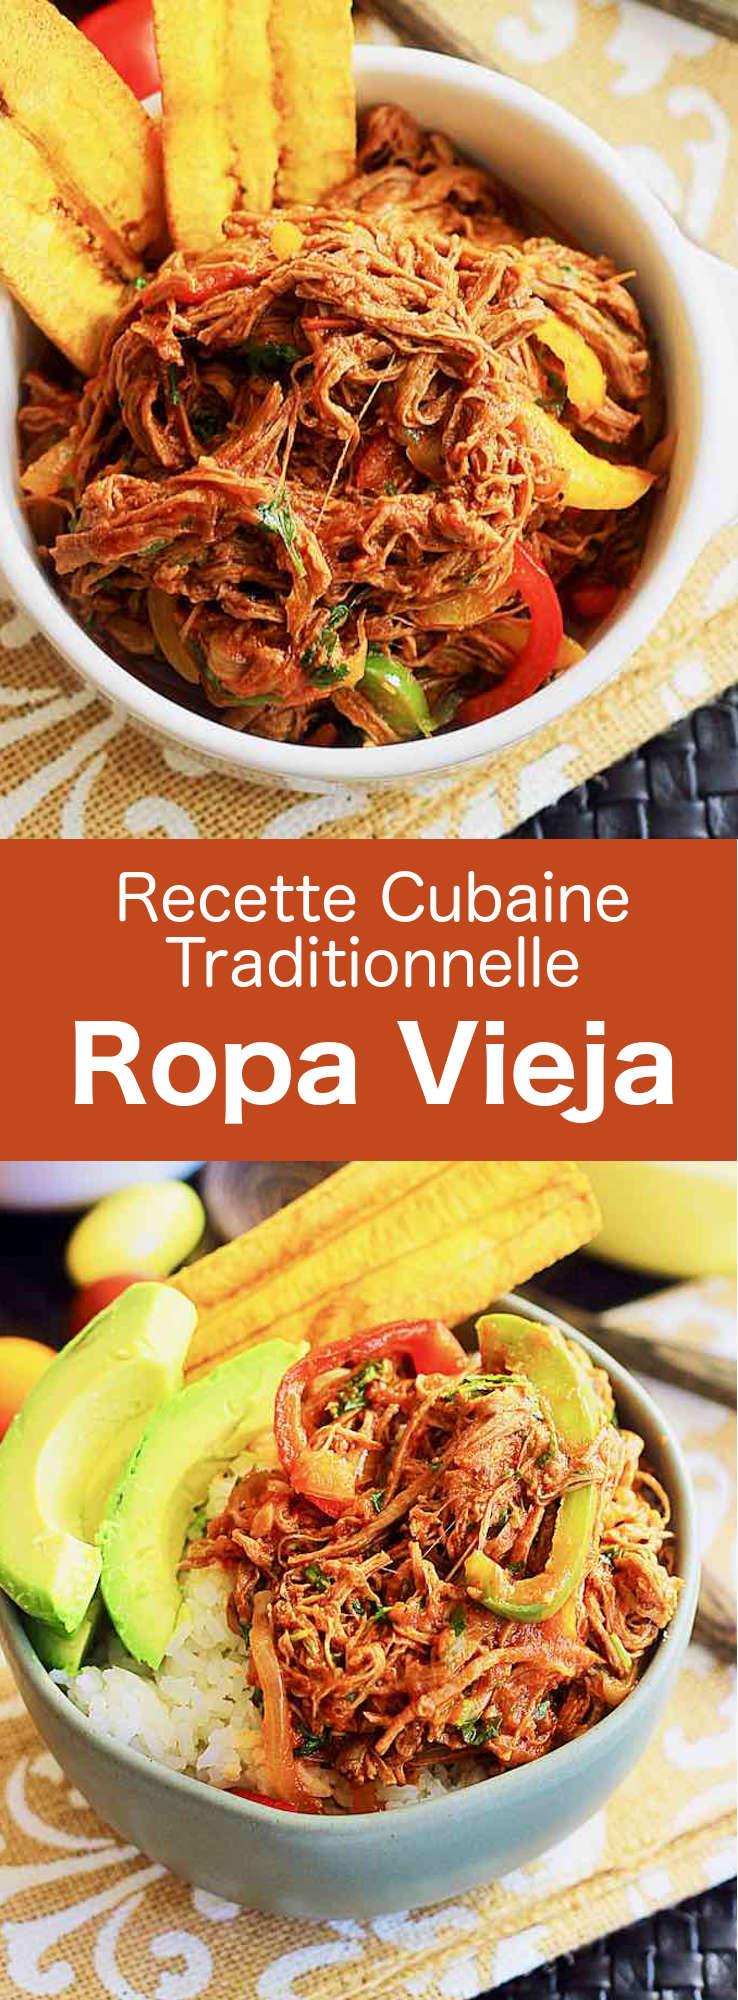 La ropa vieja, plat national à Cuba composé de bœuf effiloché, cuit lentement avec des légumes, est aussi populaire à travers l'Amérique latine. #Cuba #CuisineCubaine #RecetteCubaine #RecetteDesCaraibes #CuisineDuMonde #196flavors